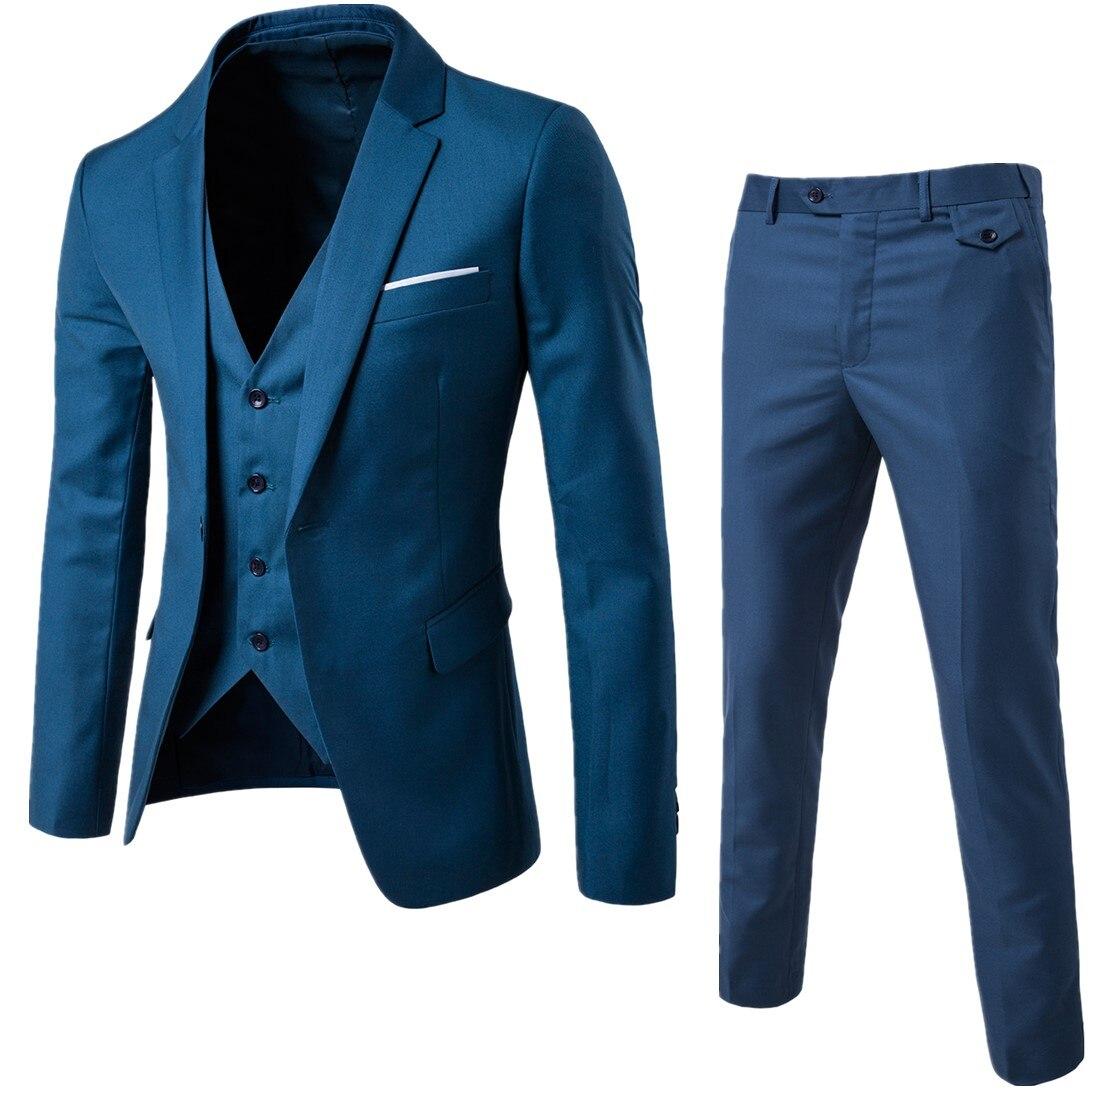 (Jacket+Vest+Pants) 2018 Men Slim Fit Suits Plus Size M- 6XL Mens Black Wedding Suits With Pants Business Male Formal Wear